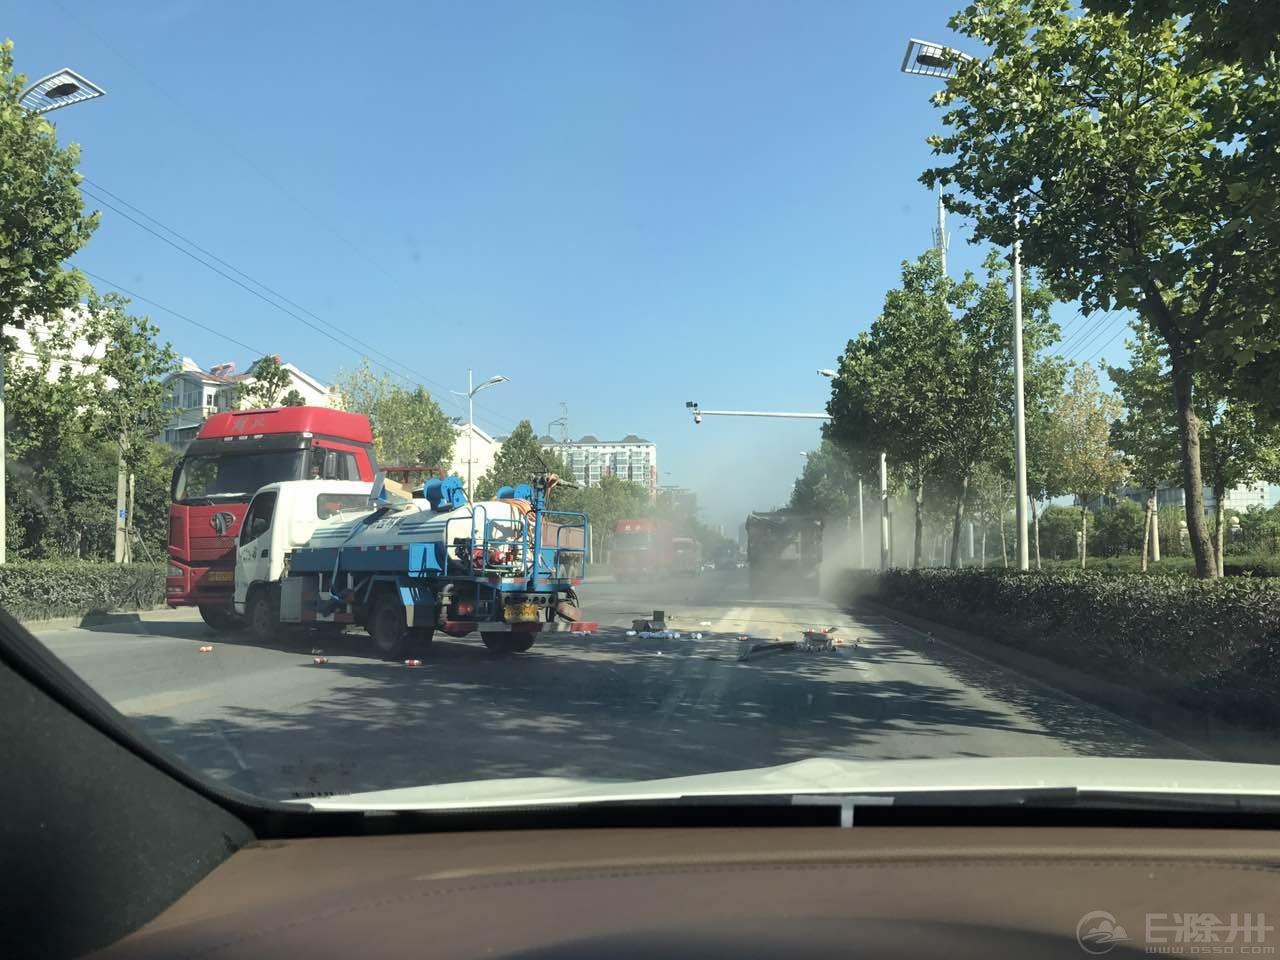 滁州紫薇中路附近,一辆洒水车撞向大汽车